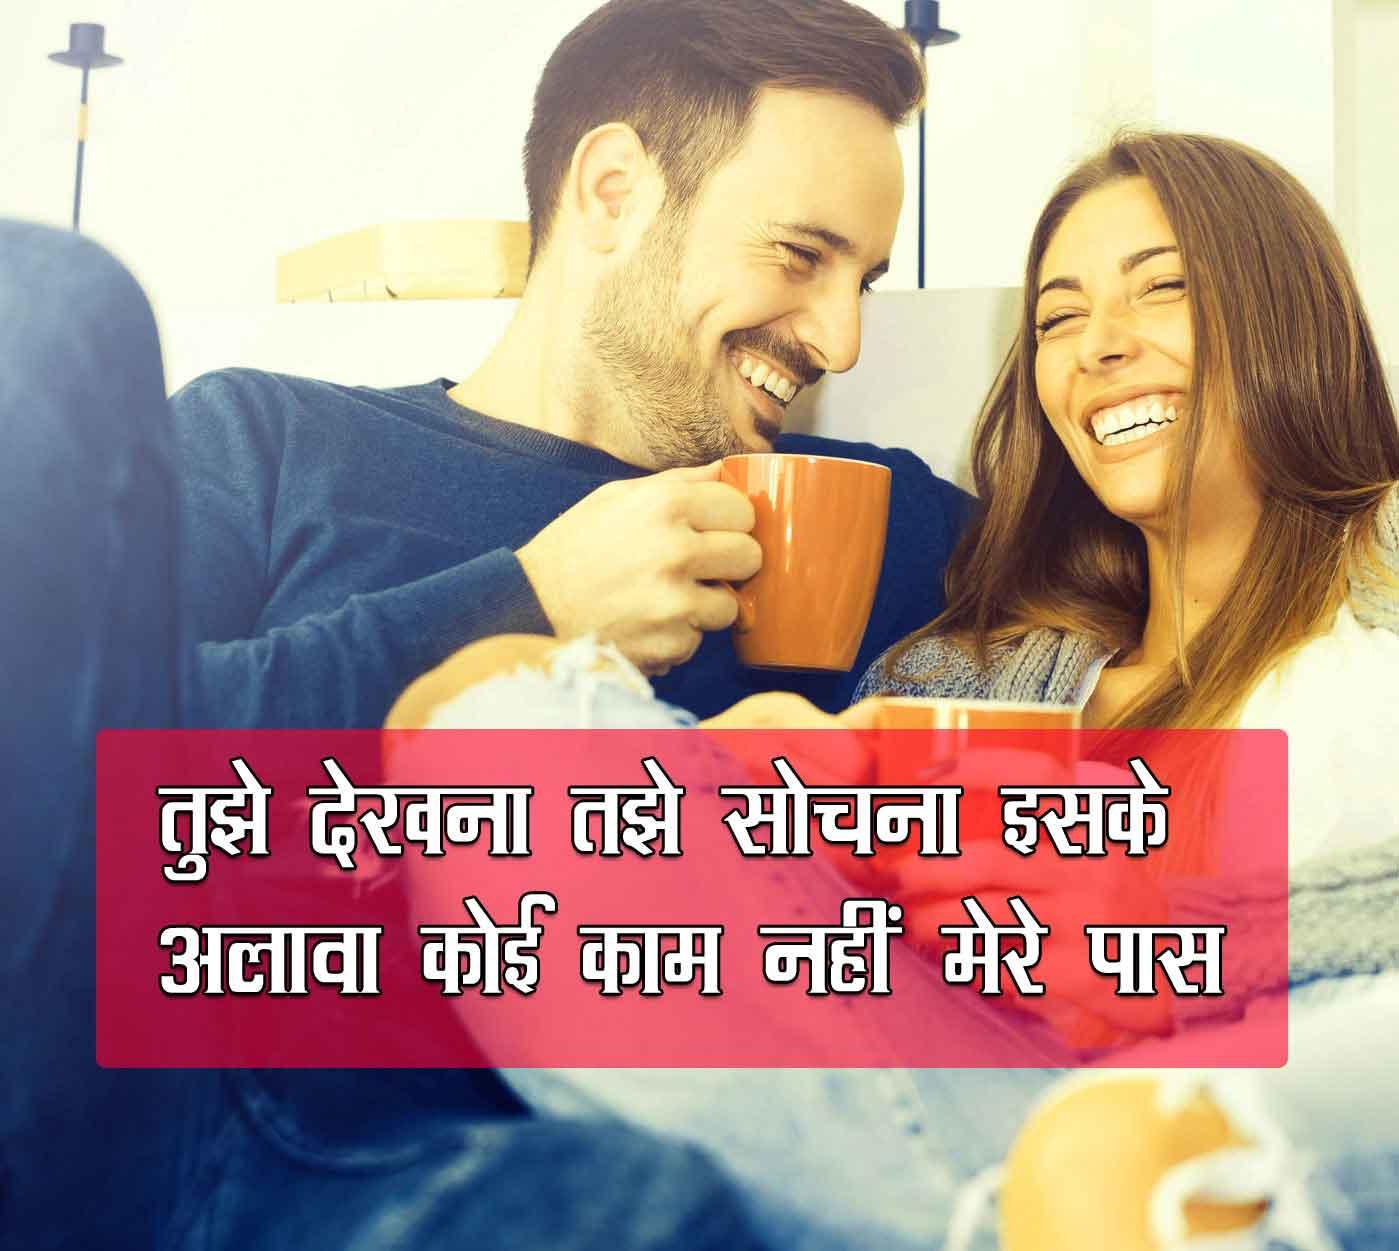 Love Shayari Images HD 2021 16